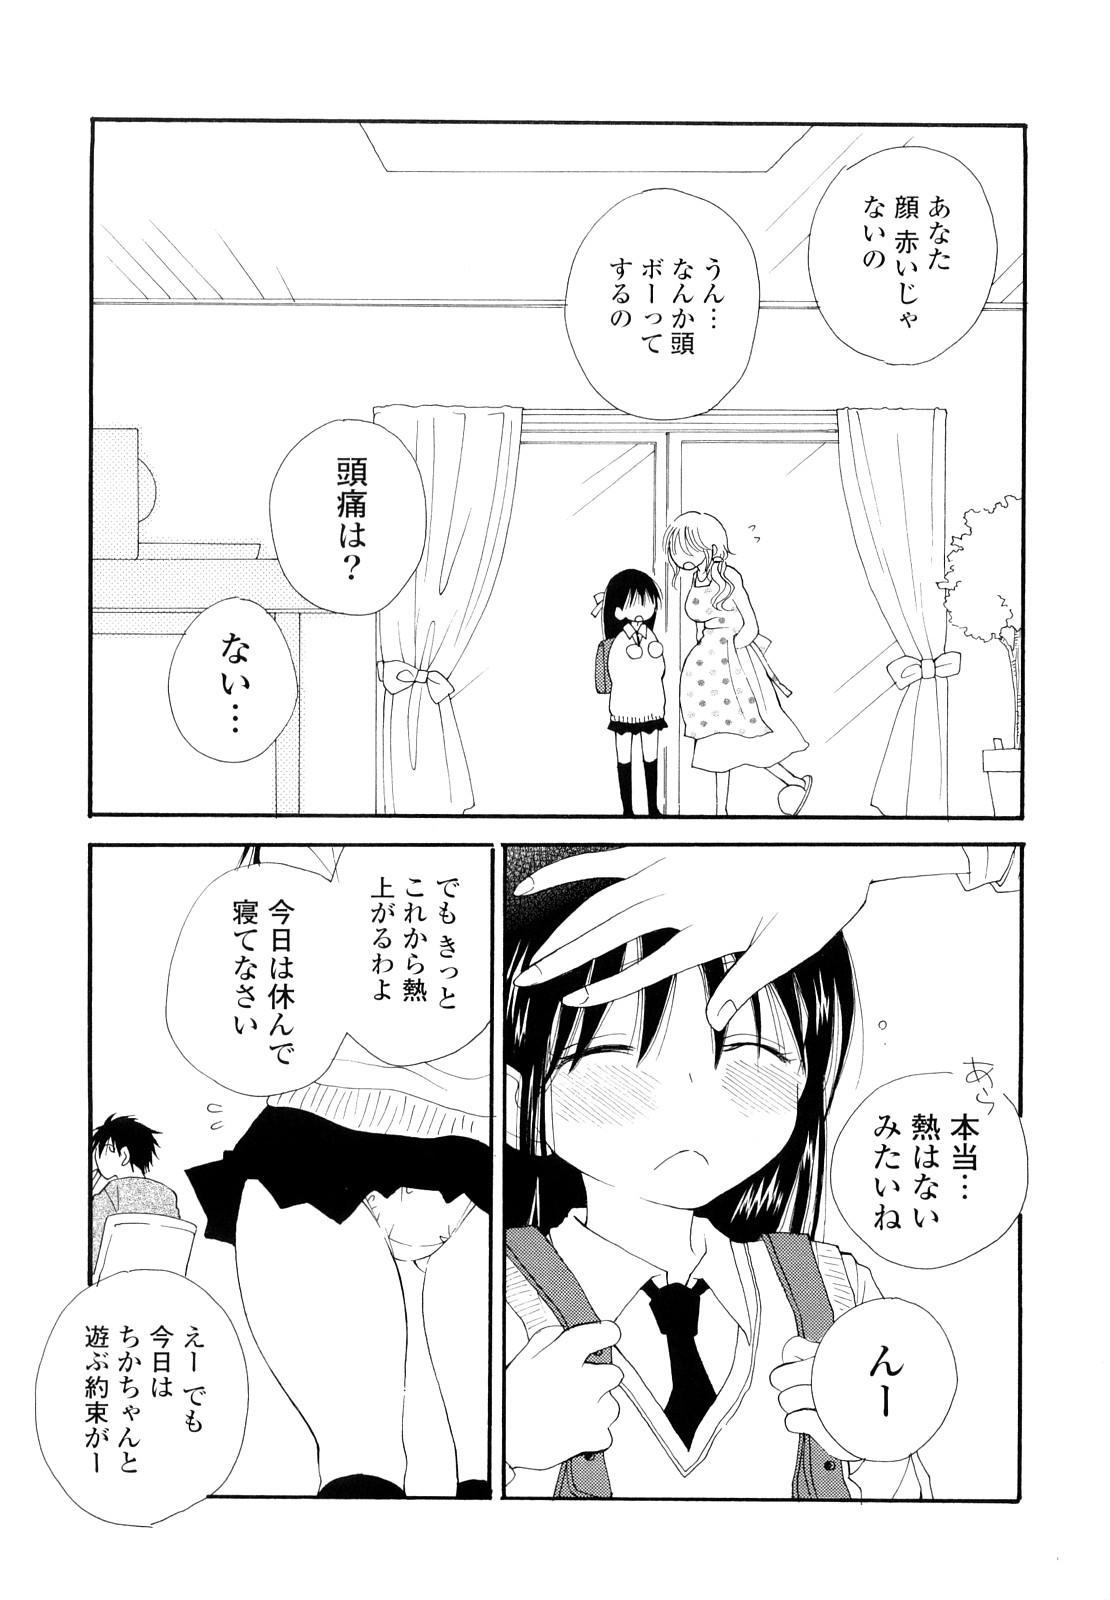 Houkago Nyan Nyan 181